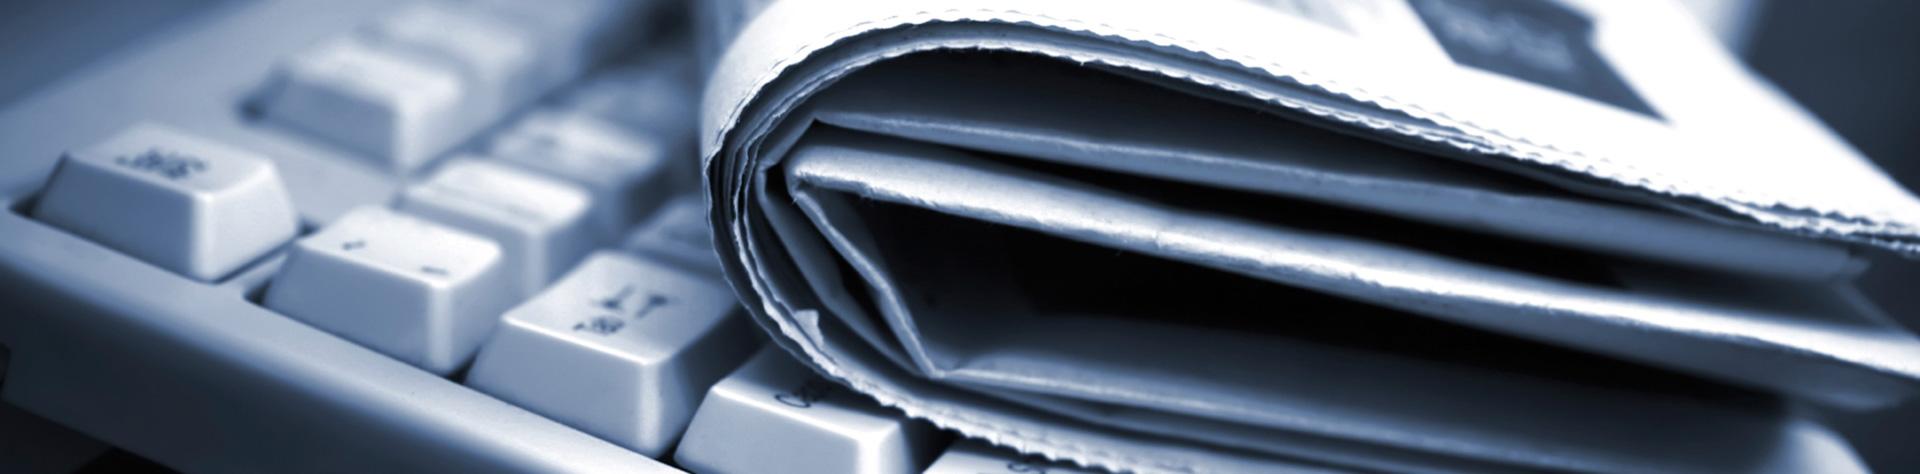 Periodismo y pasantía de medios